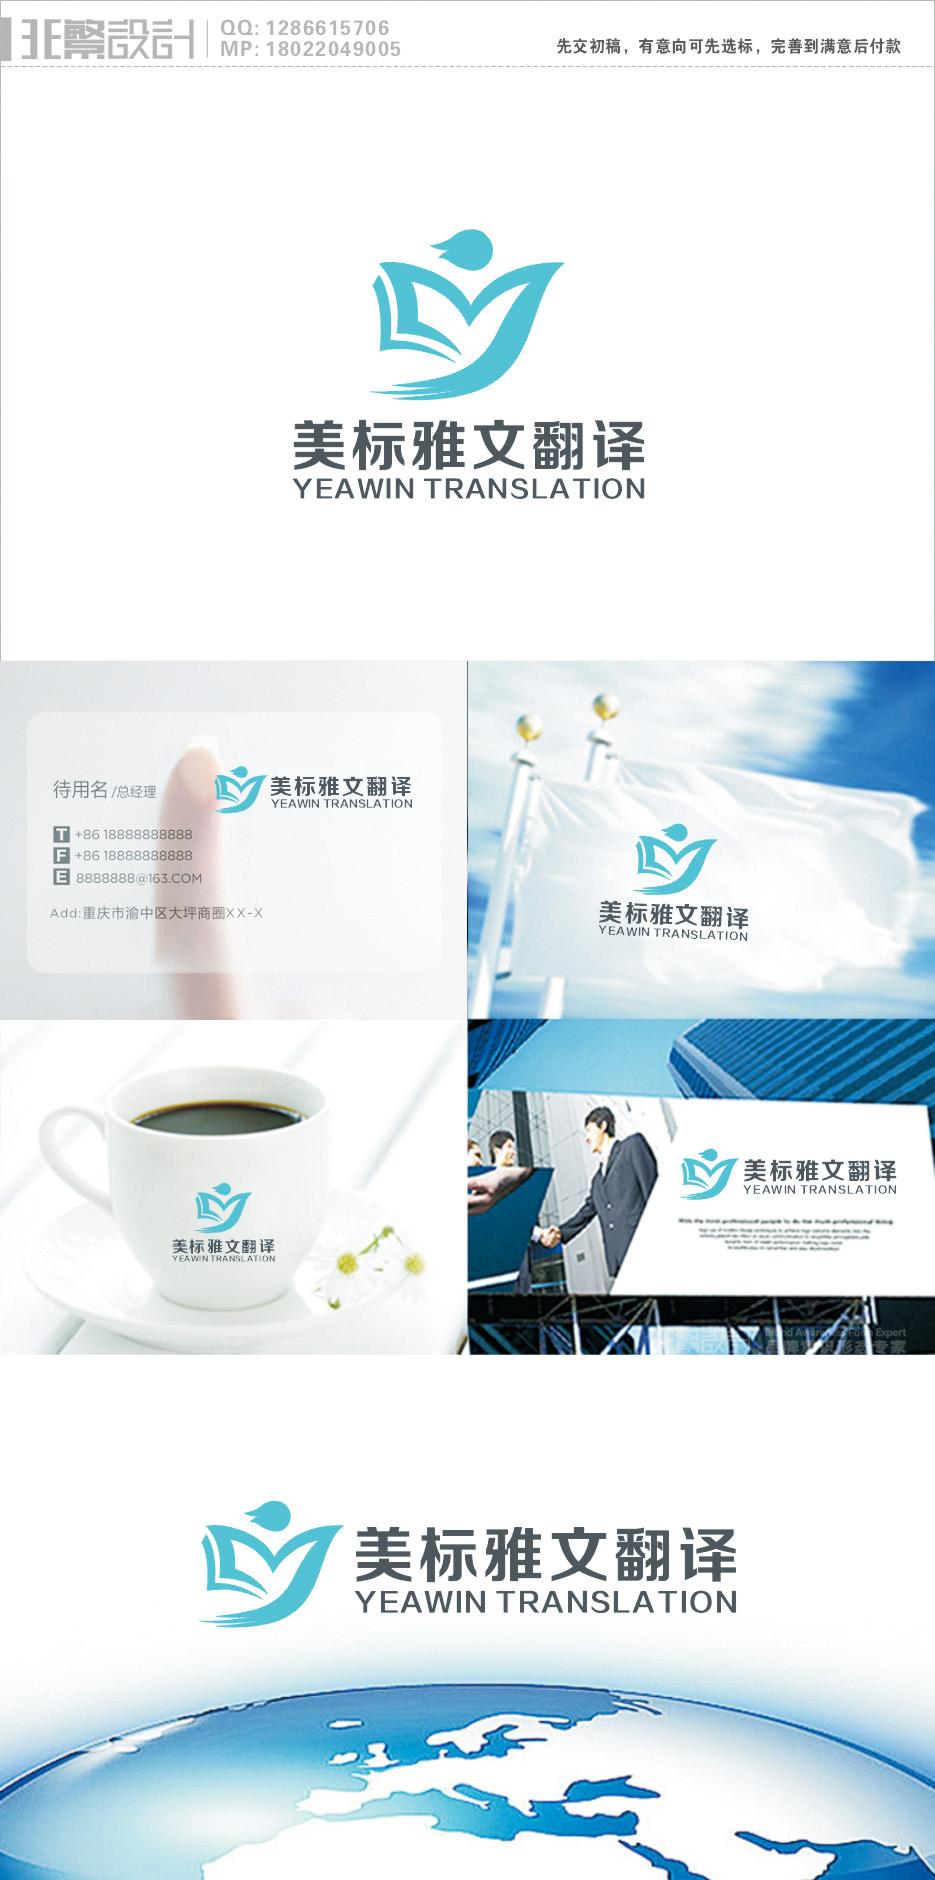 公司Logo 设计_2946385_k68威客网